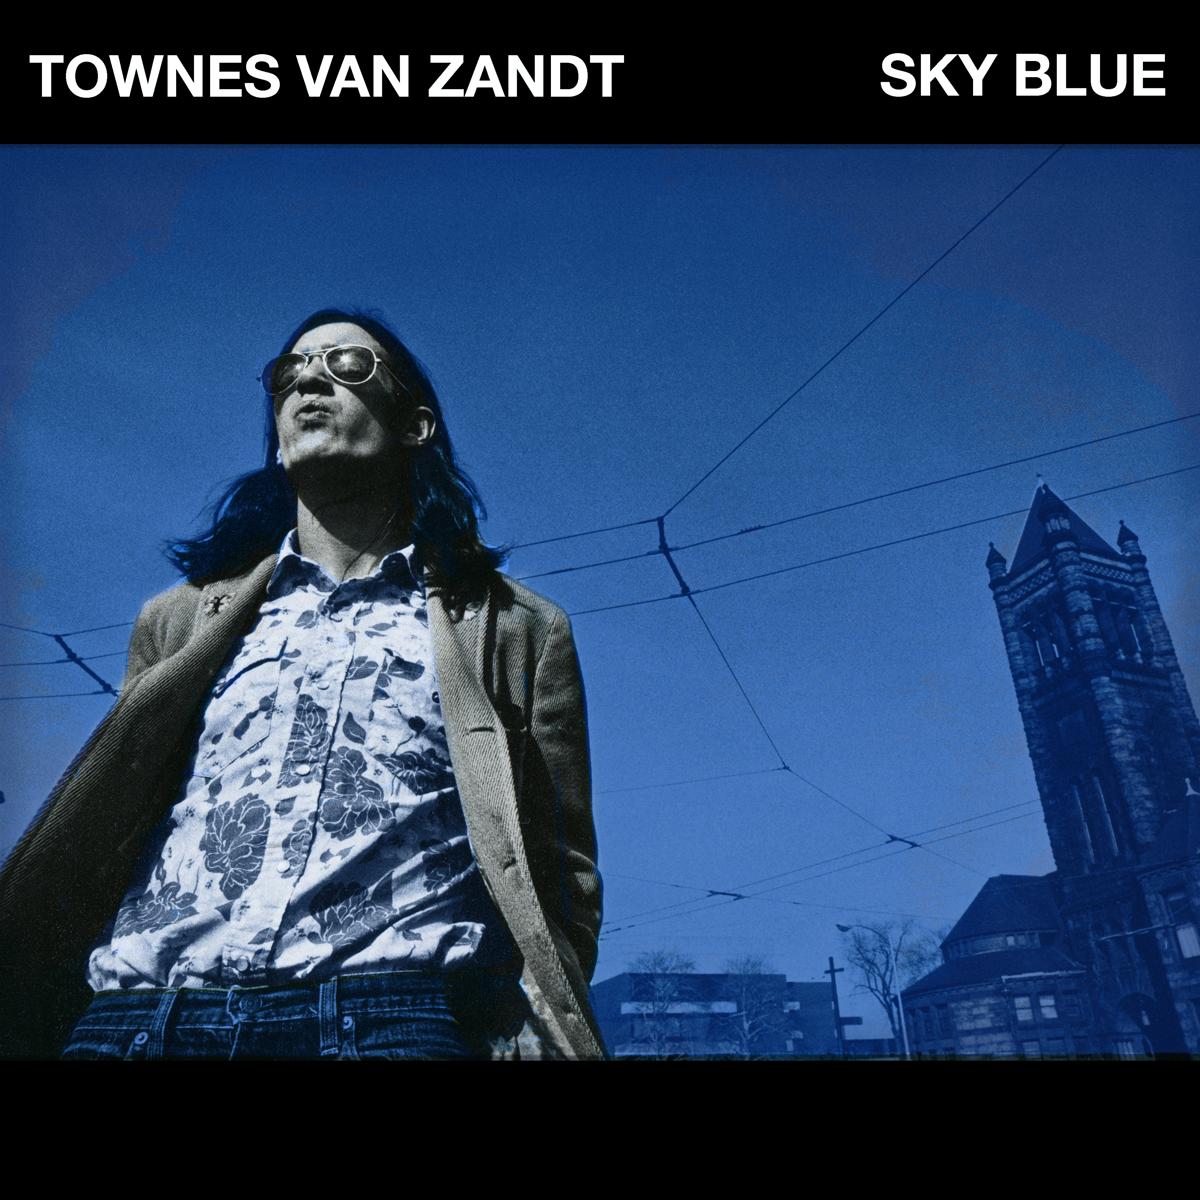 5 Townes Van Zandt